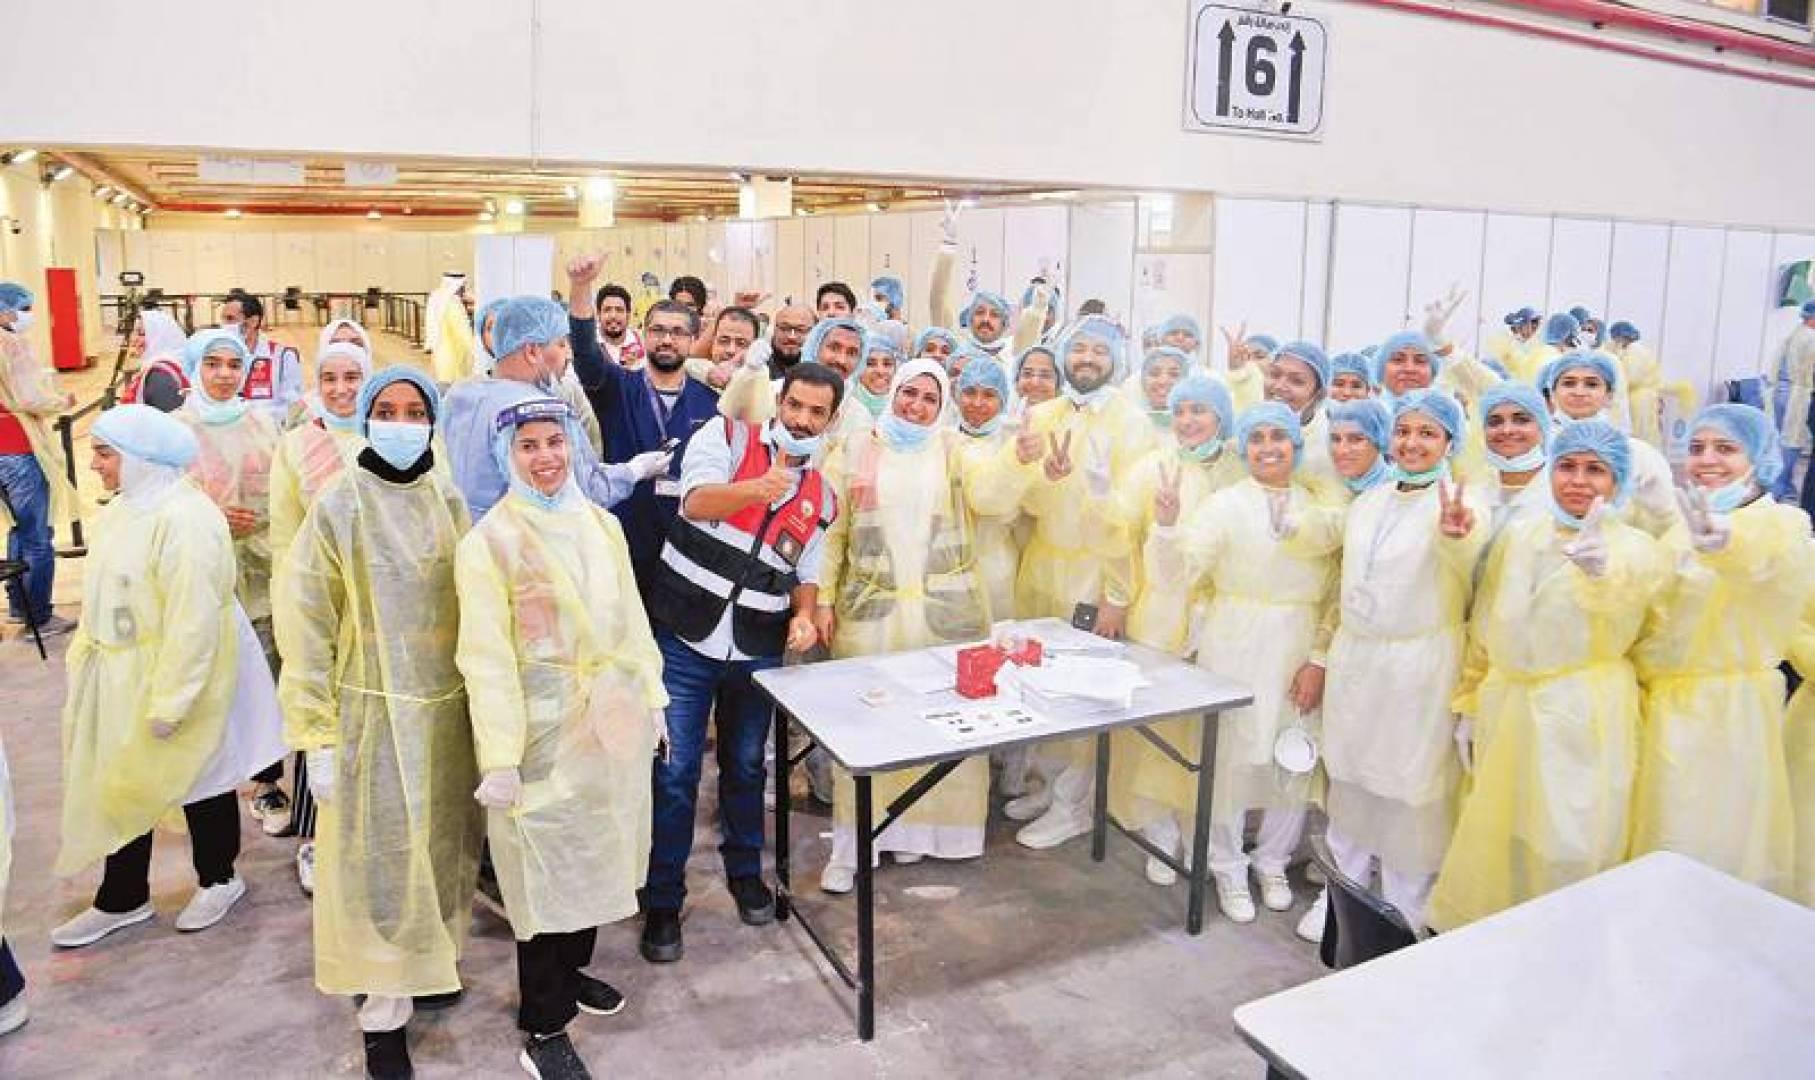 صورة جماعية لفرق العمل (تصوير: بسام زيدان)